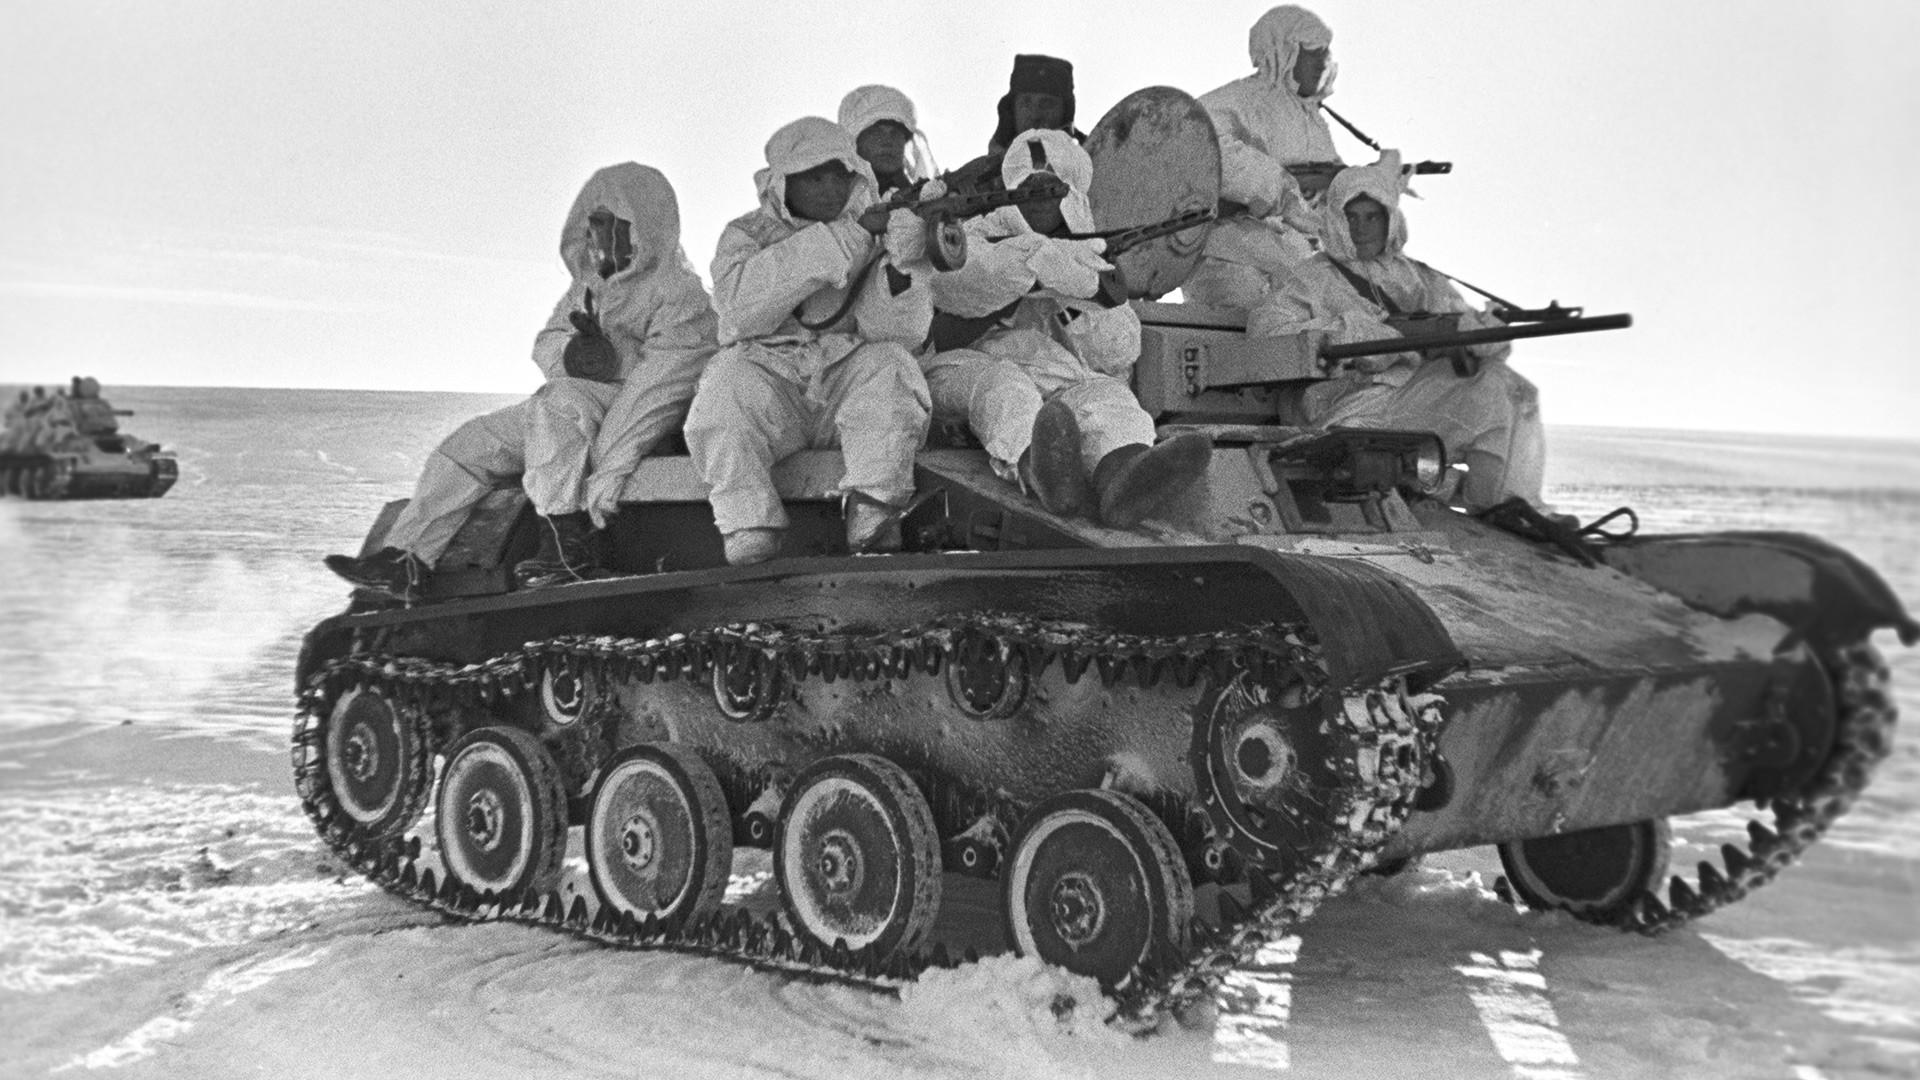 Падобранци Црвене Армије на лаком тенку Т-60 у офанзиви на Брјанском фронту током Великог отаџбинског рата.